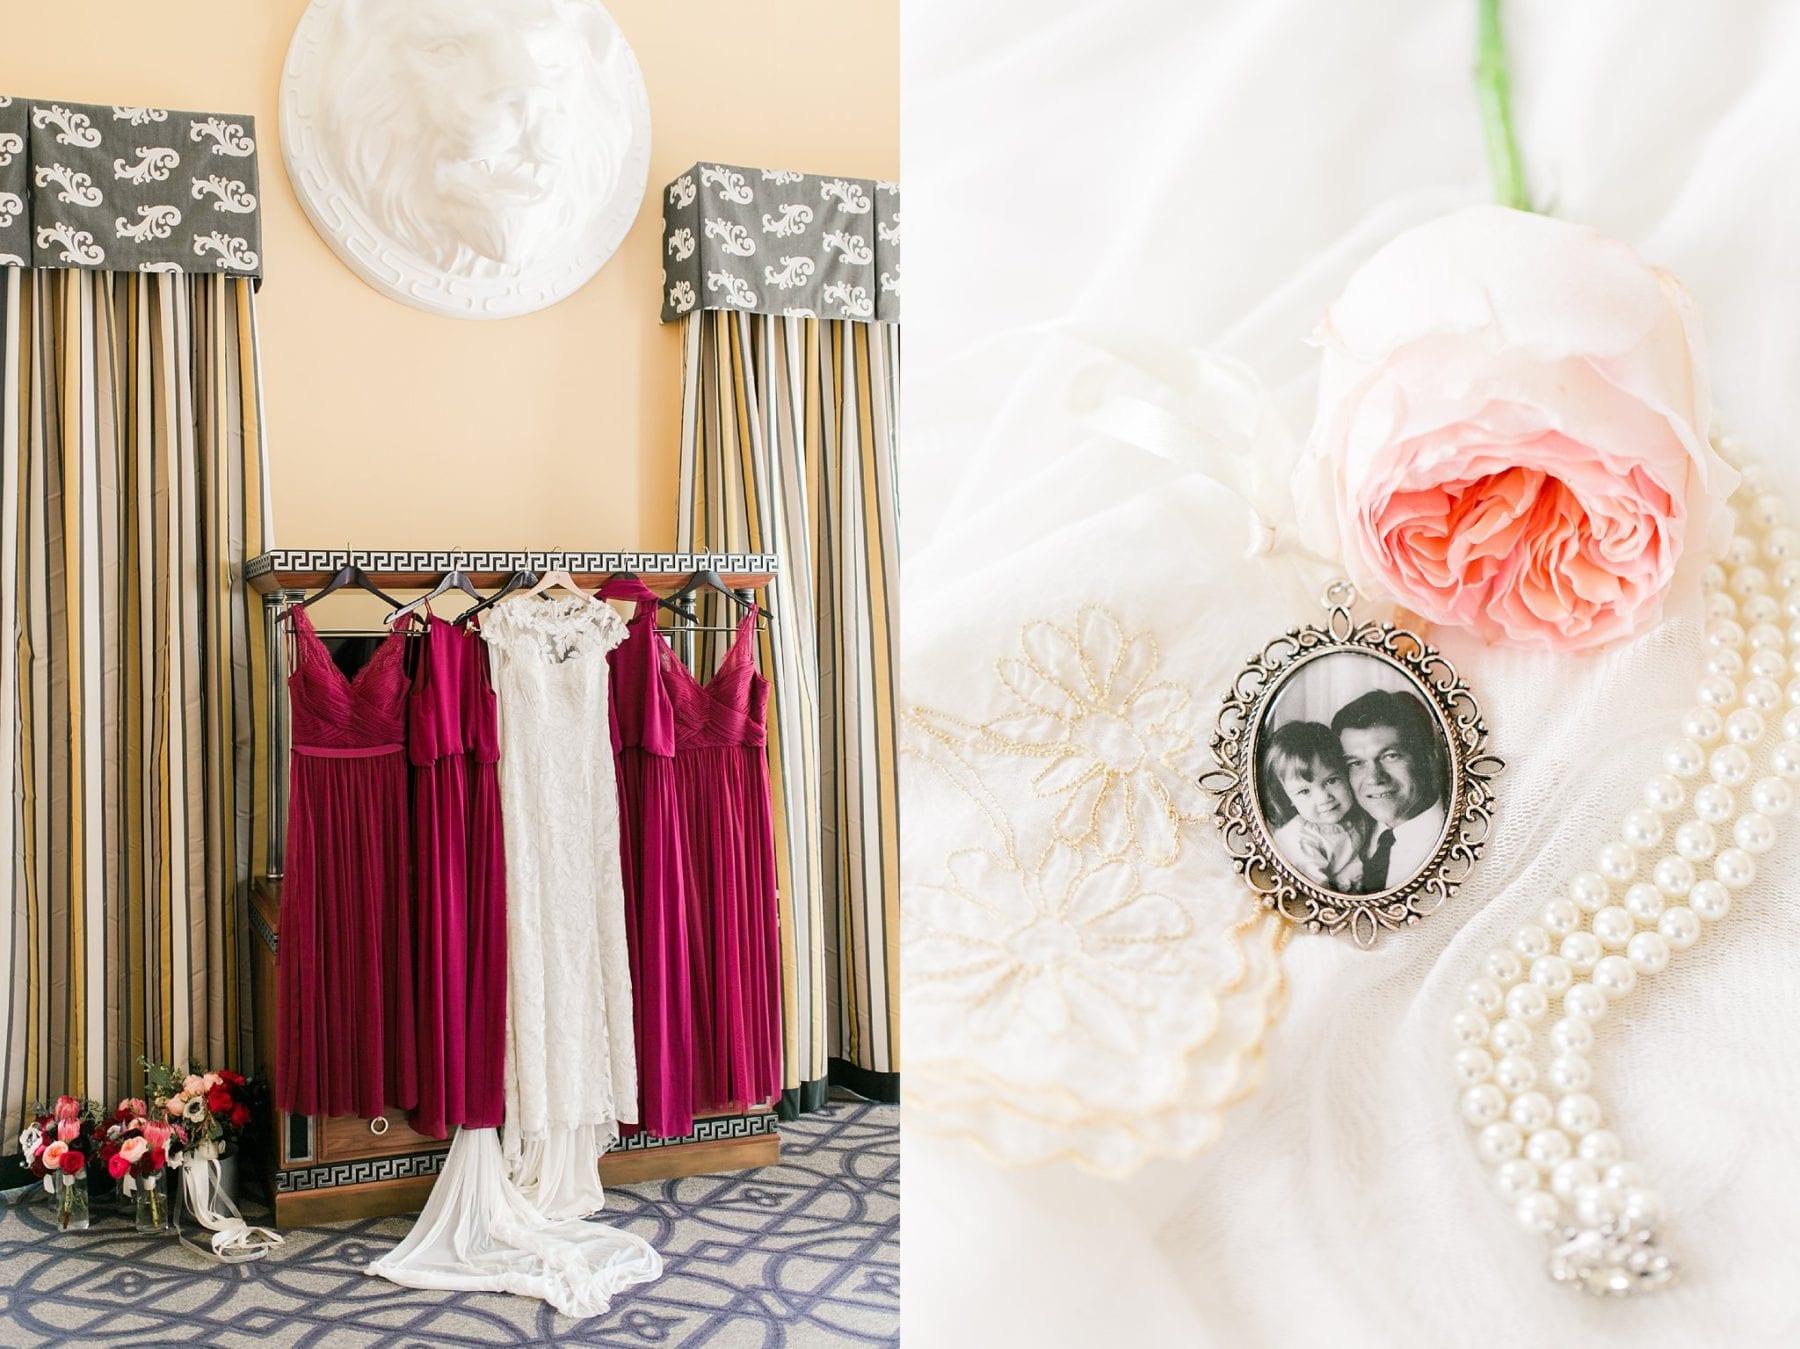 Hotel Monaco Washington DC Wedding Photos Megan Kelsey Photography Erin & Mike -2-1